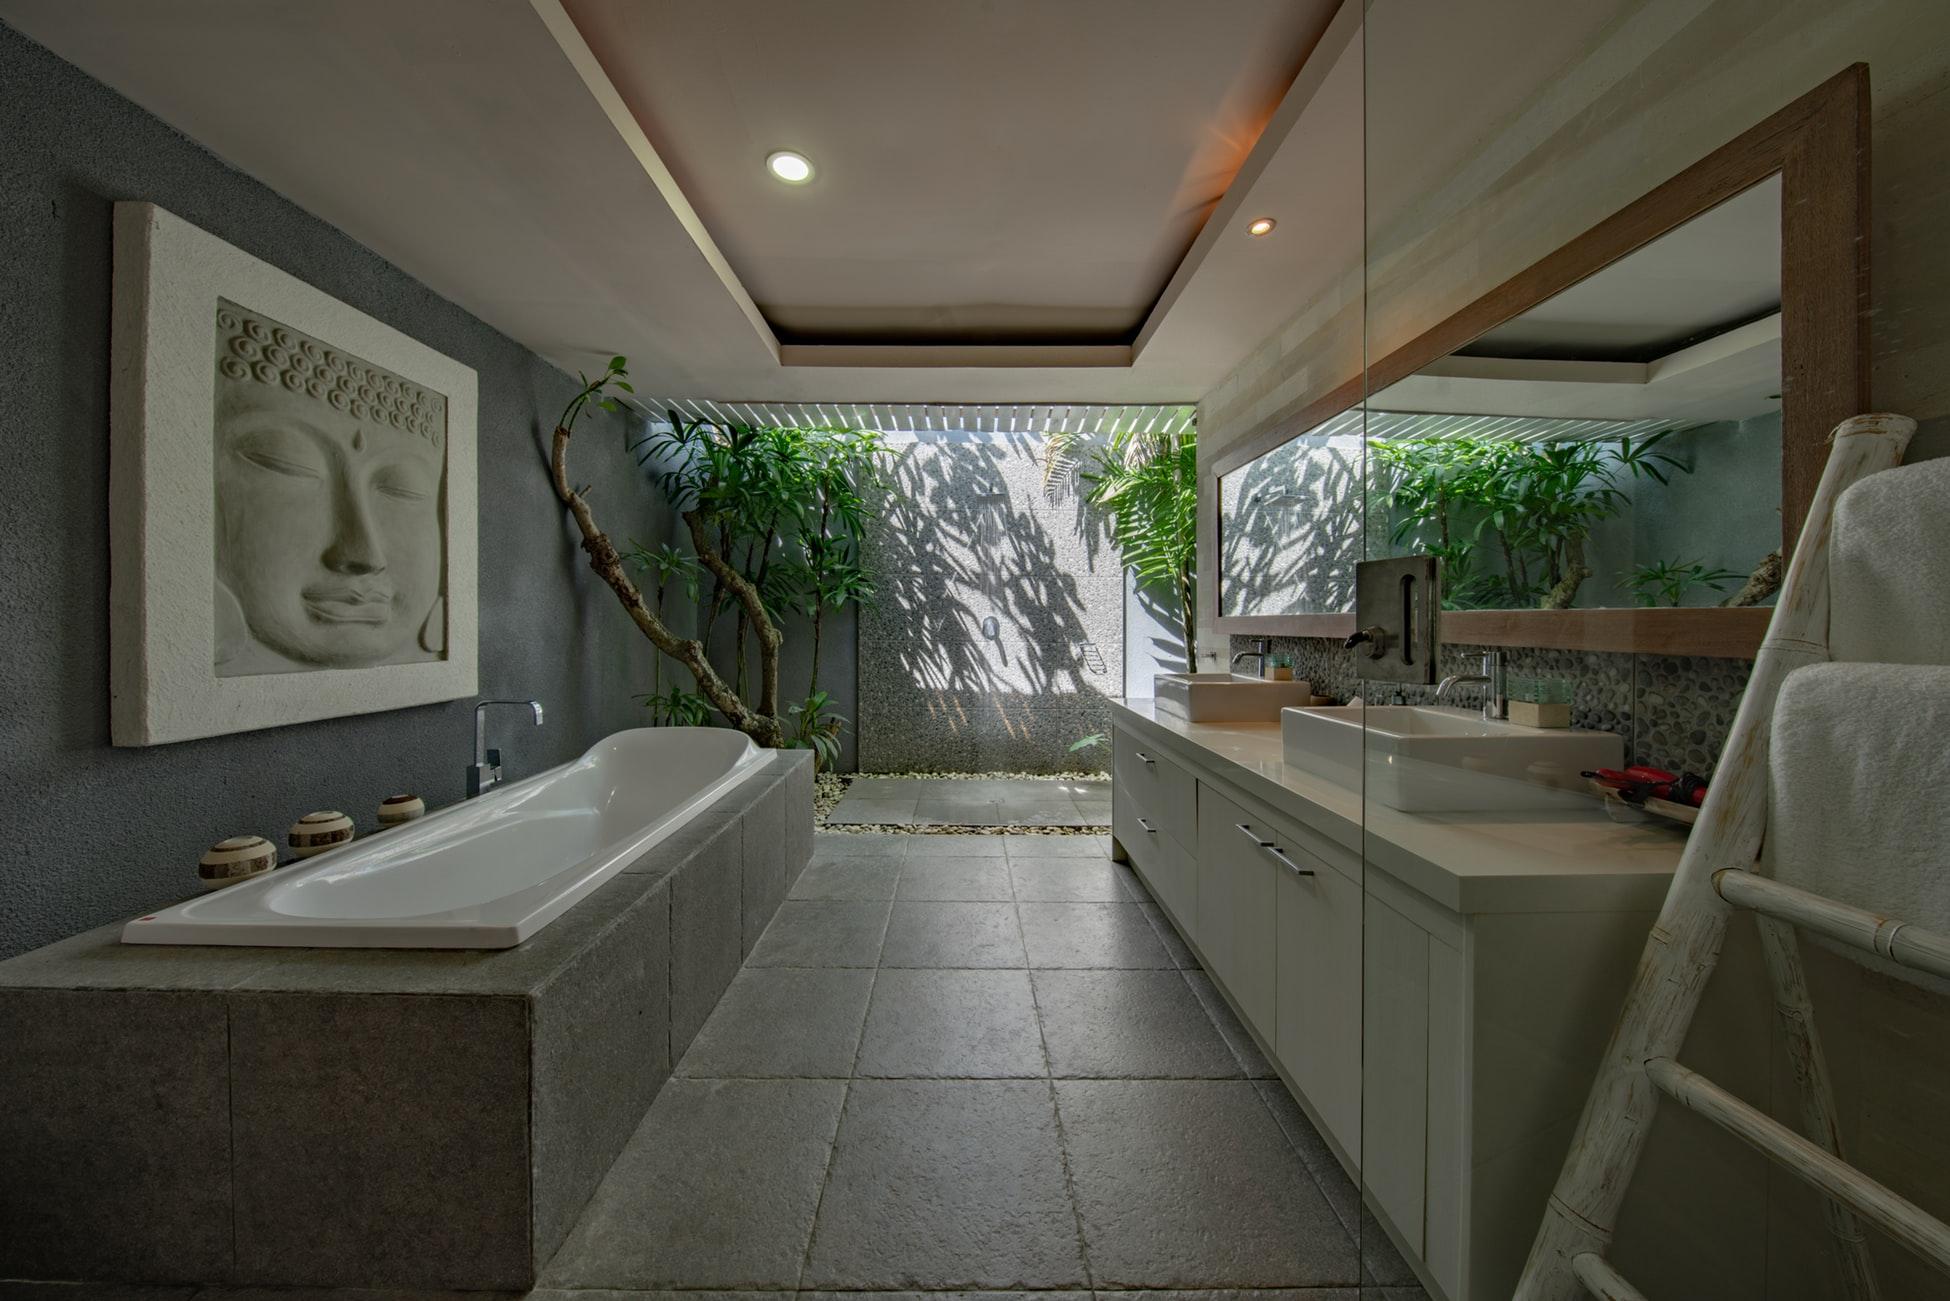 Non solo sanitari: arredamento bagno a 360°